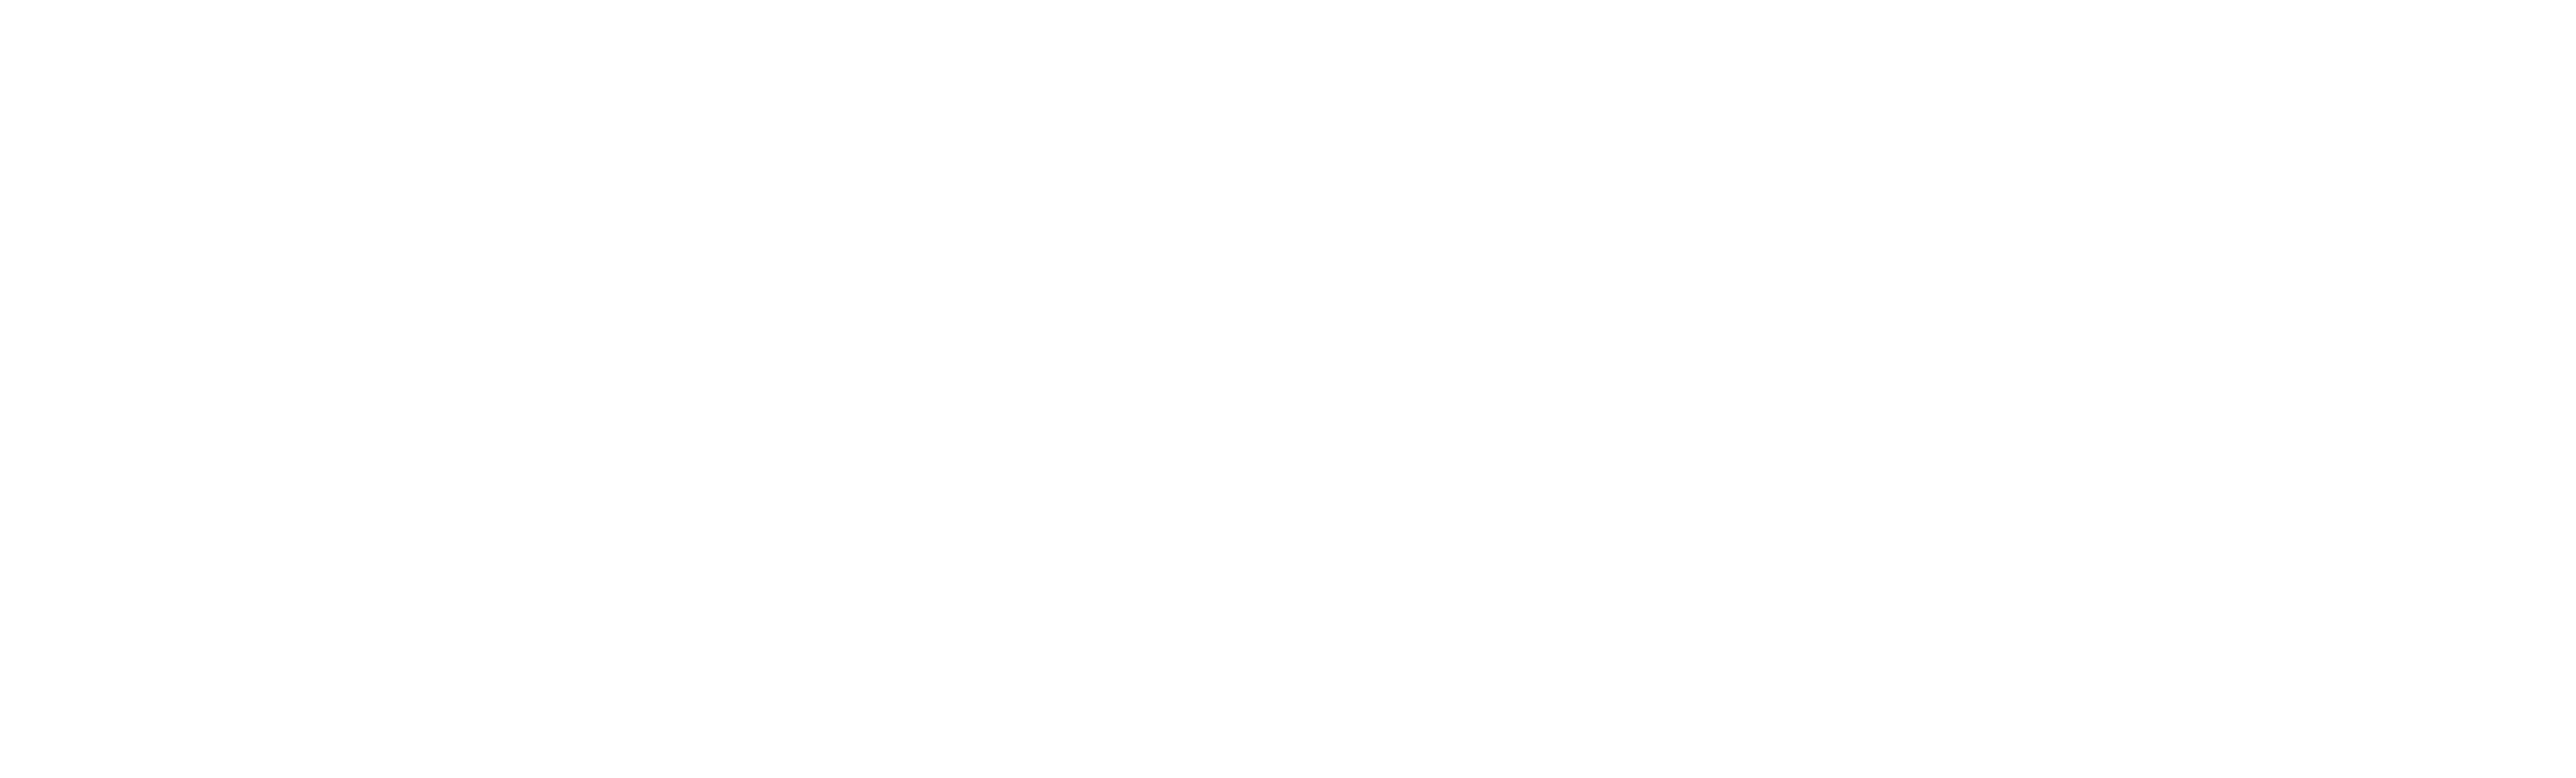 logo_nphoto.png